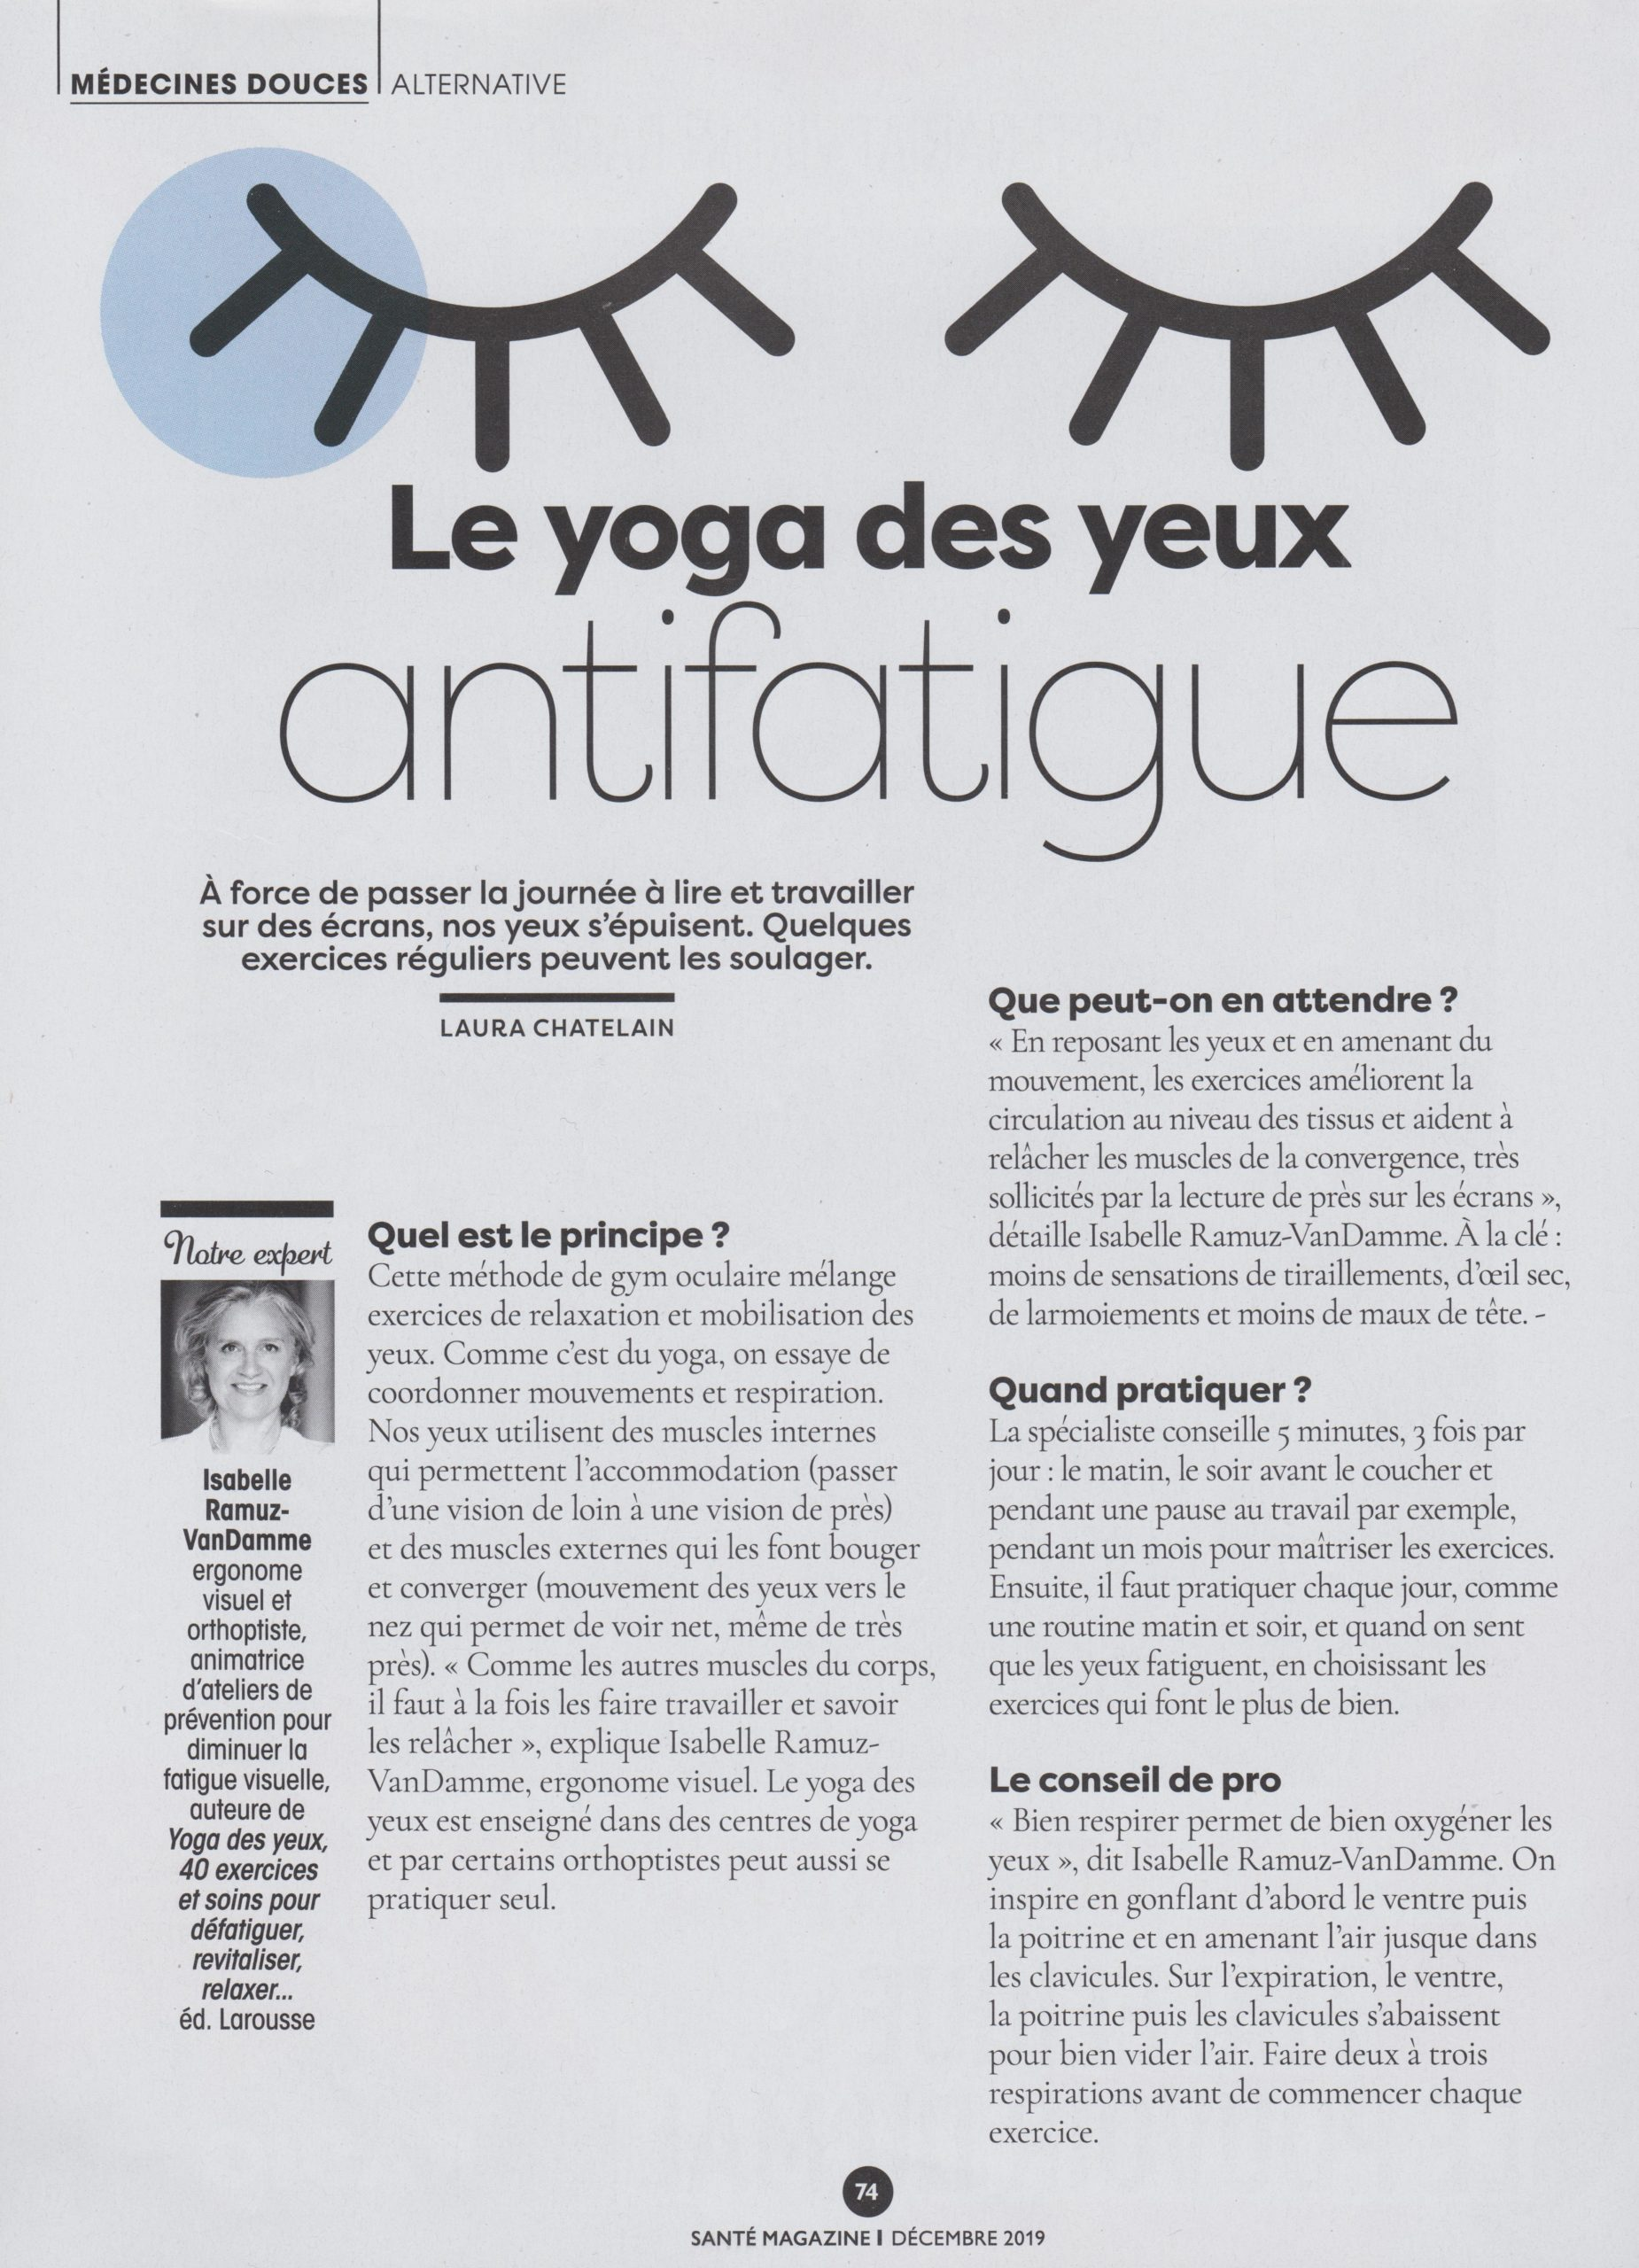 Santé-Magazine-N°528-Décembre-2019 article yoga des yeux